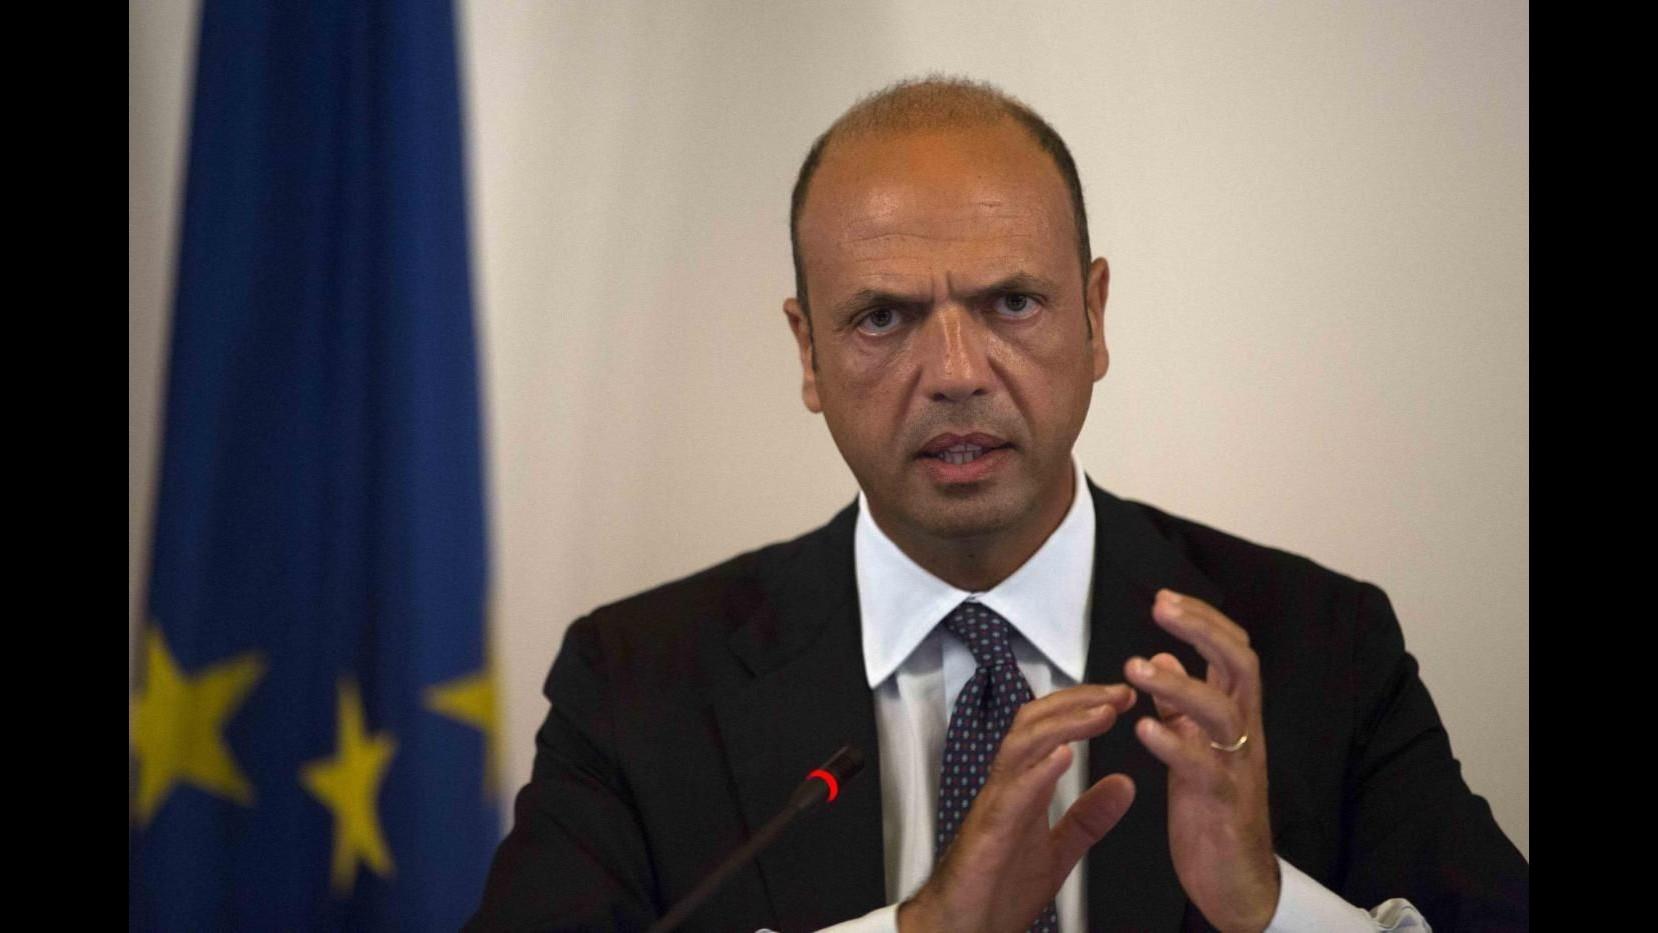 Terrorismo, Alfano firma decreto espulsione per quattro persone: estremismo violento